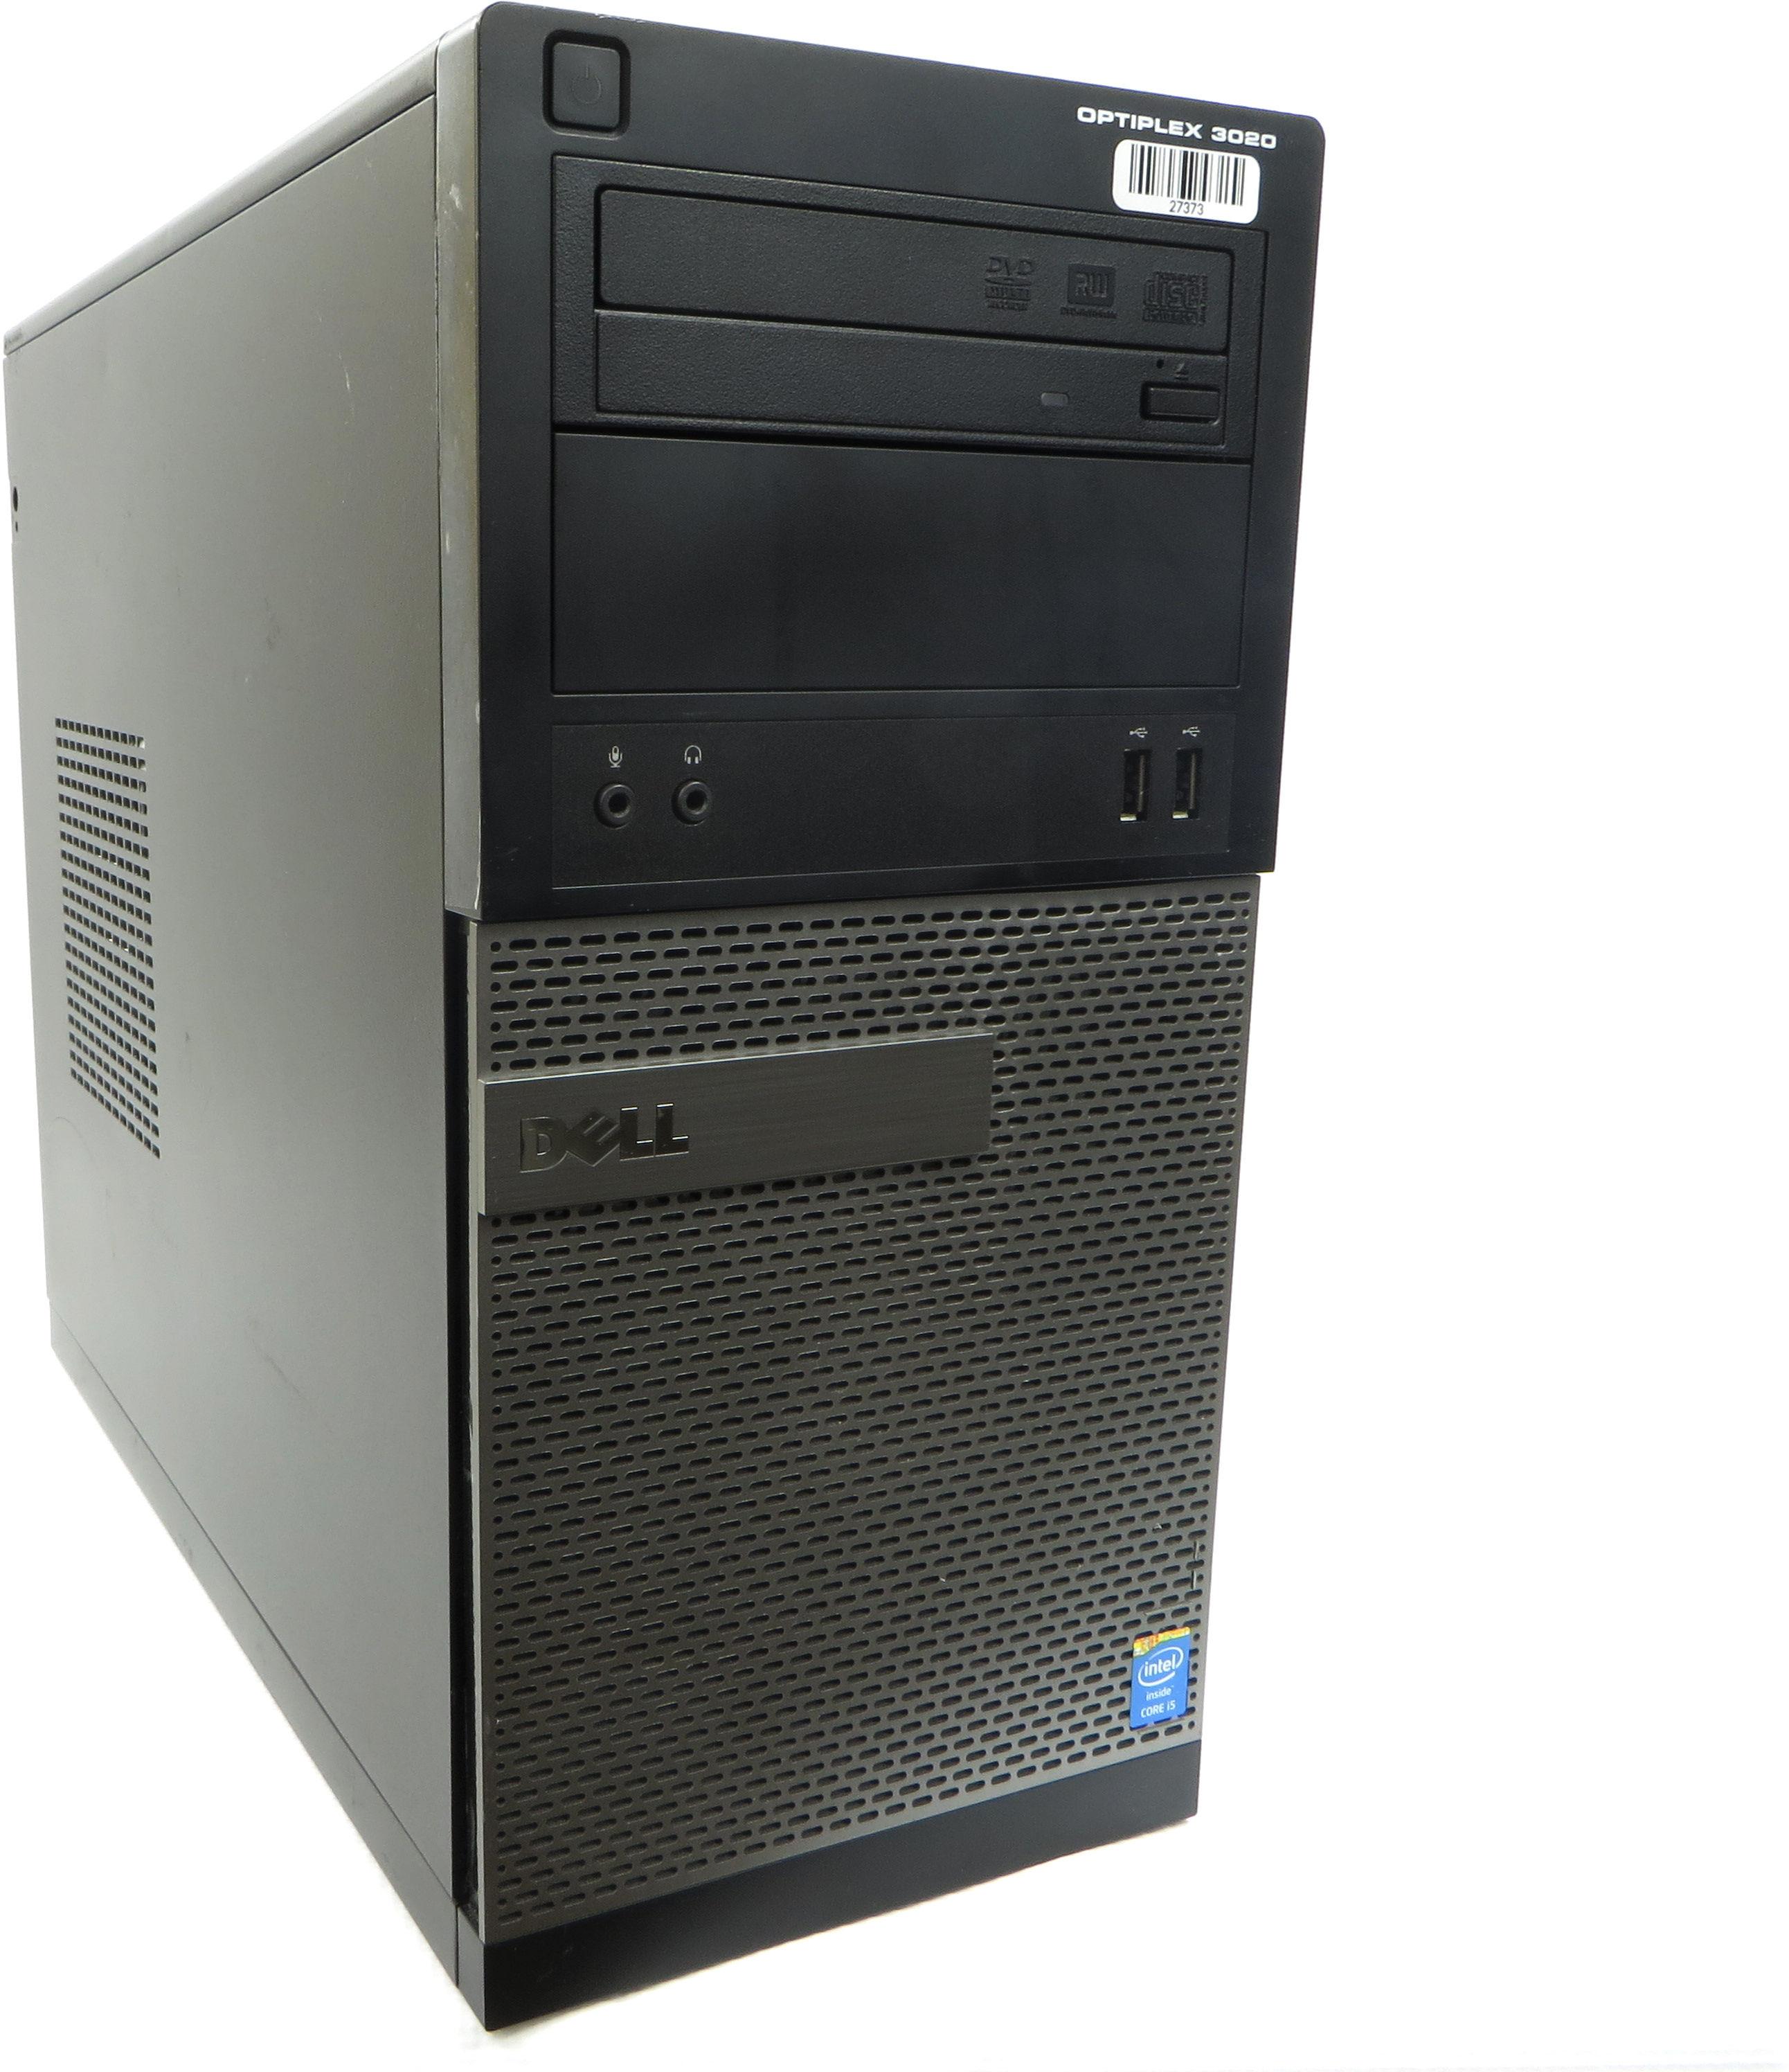 Komputer DELL OptiPlex 3020 MT i5-4590 4x3.60GHz 8GB 240GB SSD DVD Windows 7/8/10 Professional